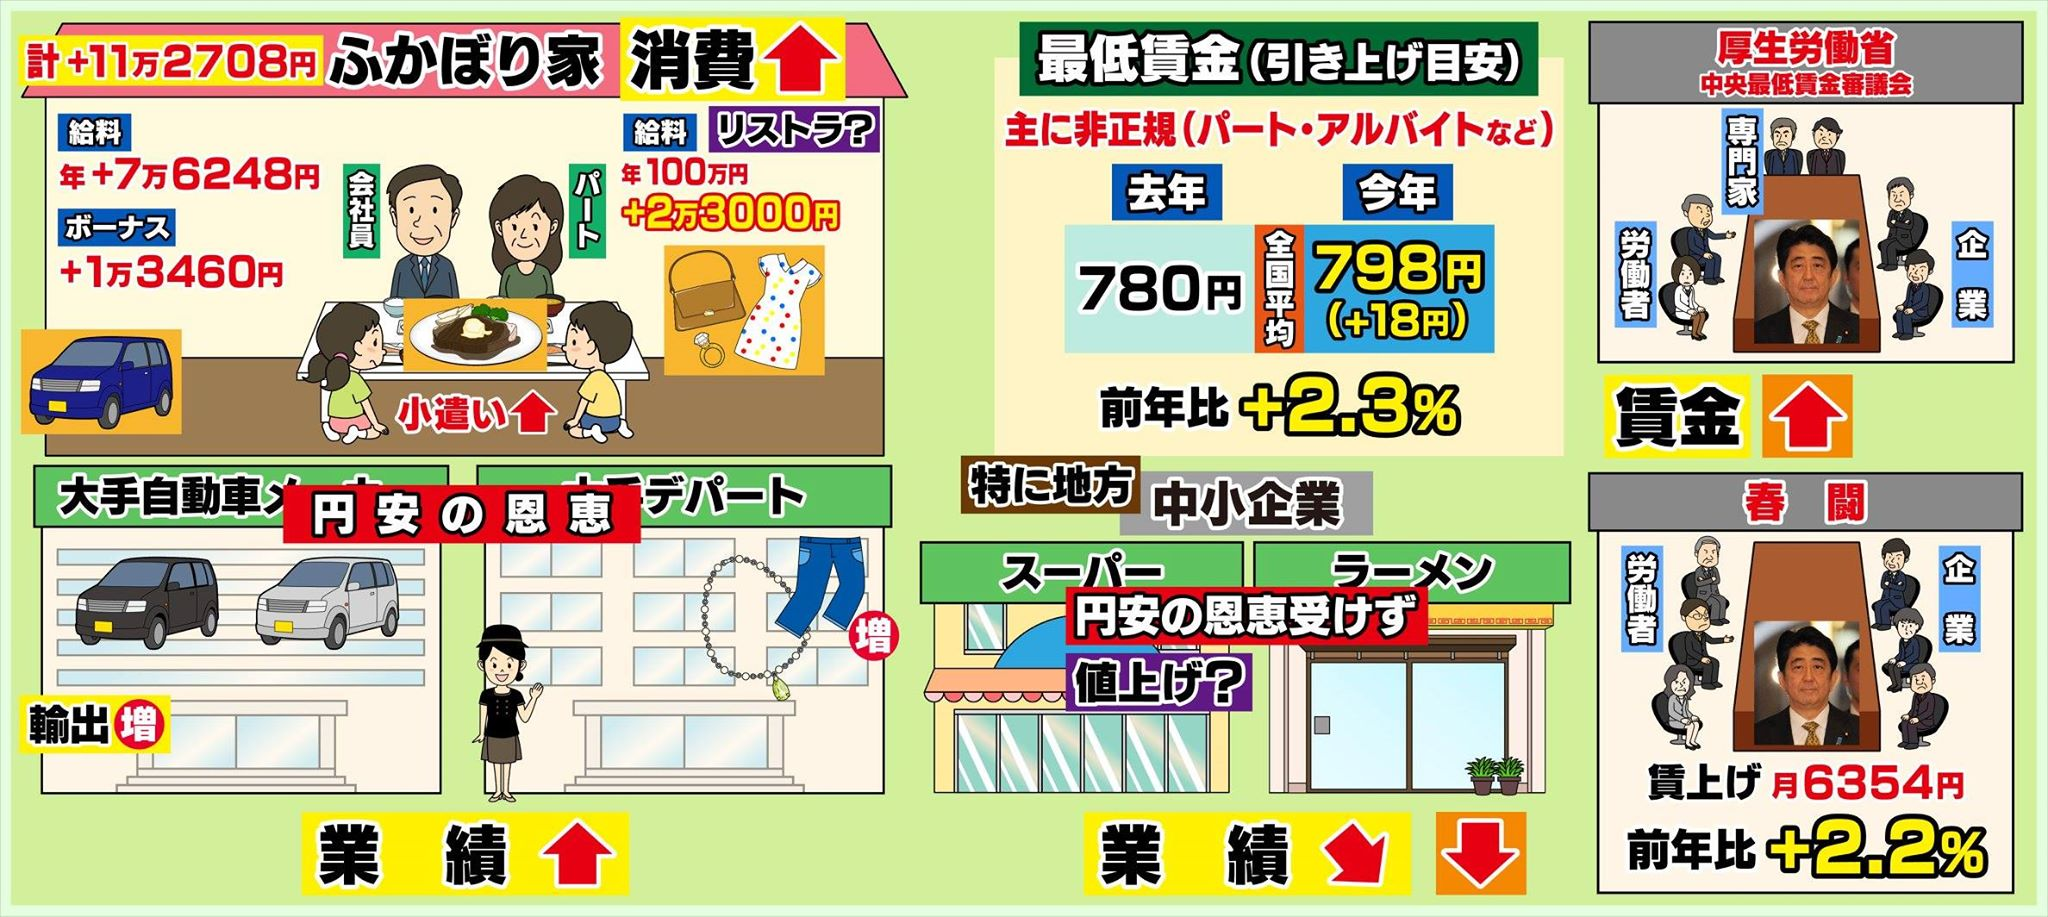 テレビ アナウンサー 年収 フジ